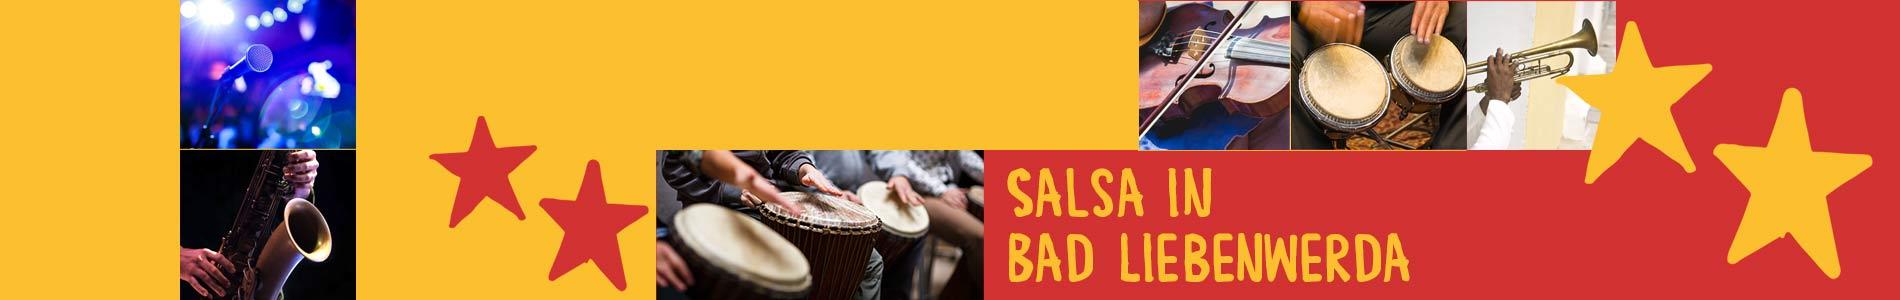 Salsa in Bad Liebenwerda – Salsa lernen und tanzen, Tanzkurse, Partys, Veranstaltungen